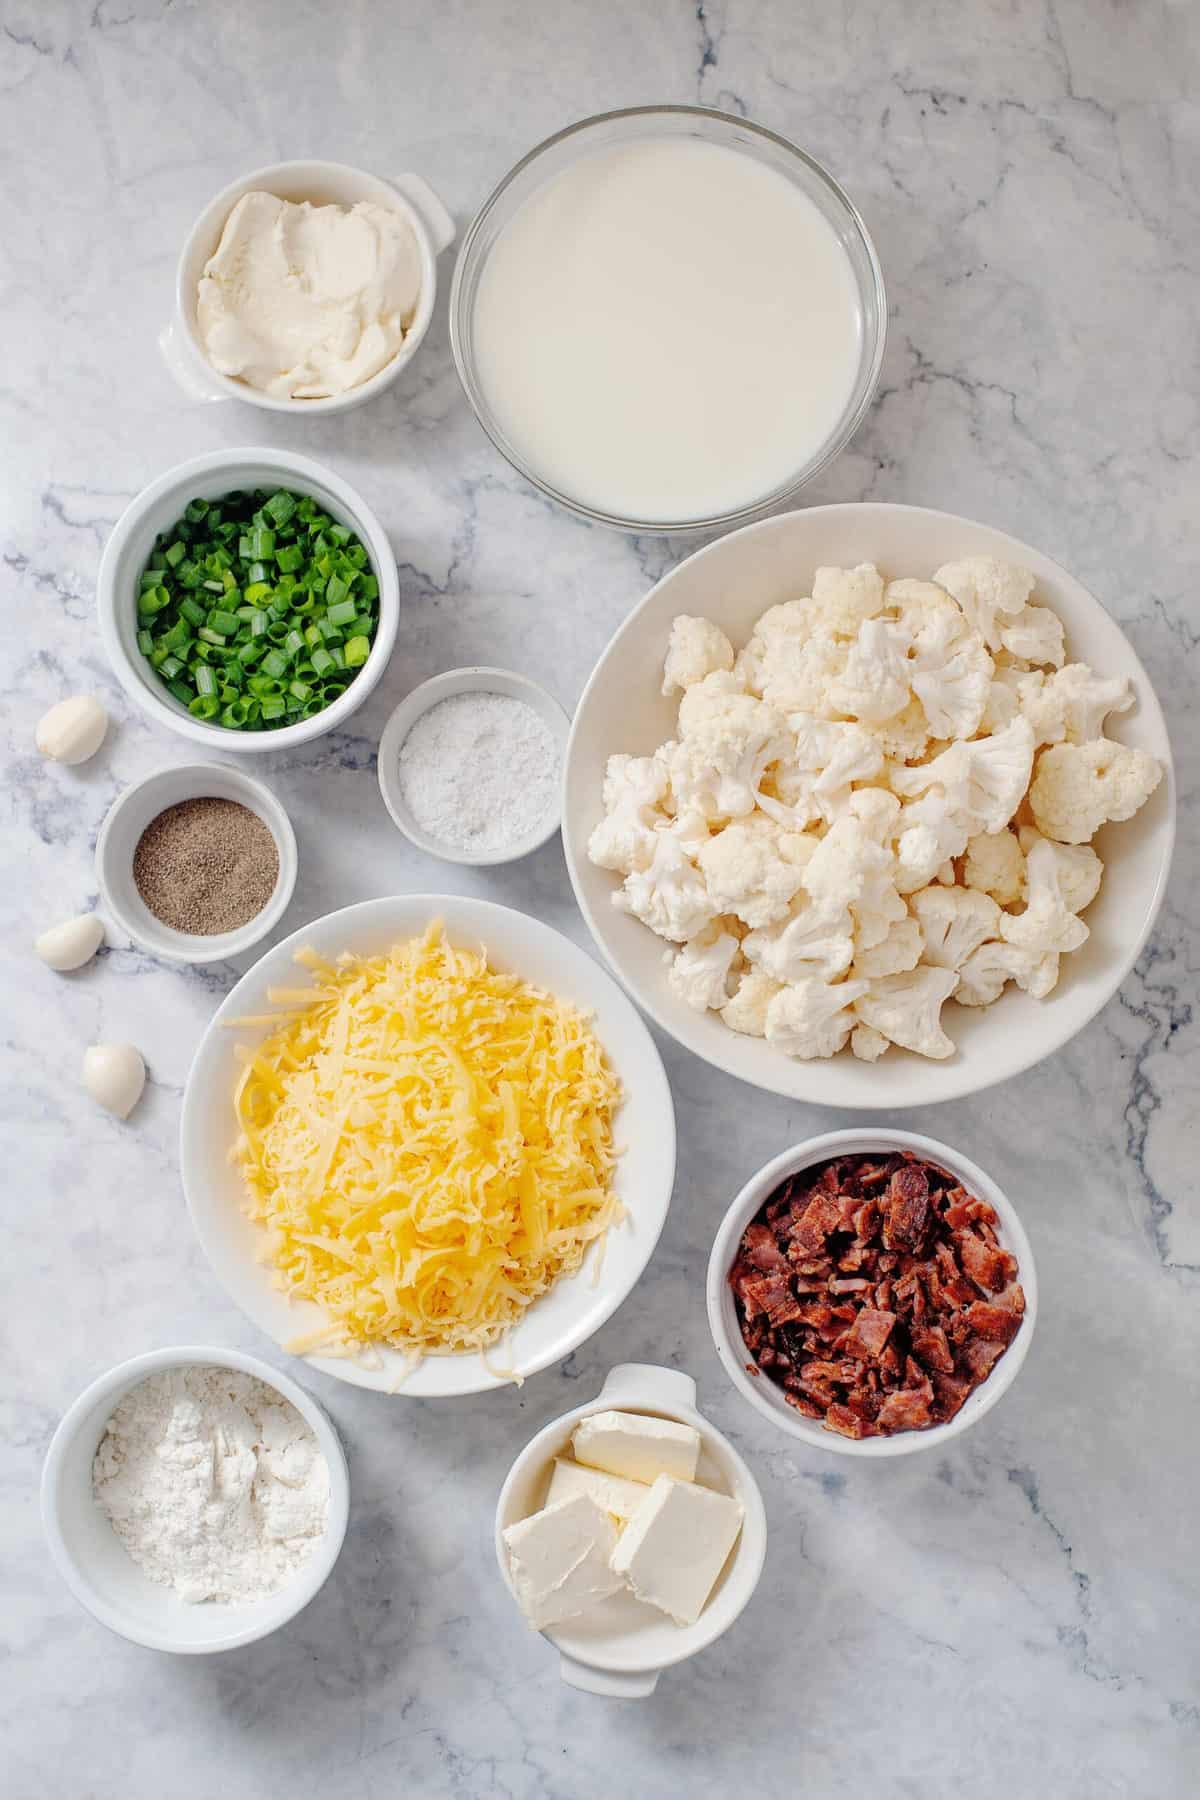 ingredients to make cheesy cauliflower casserole dish